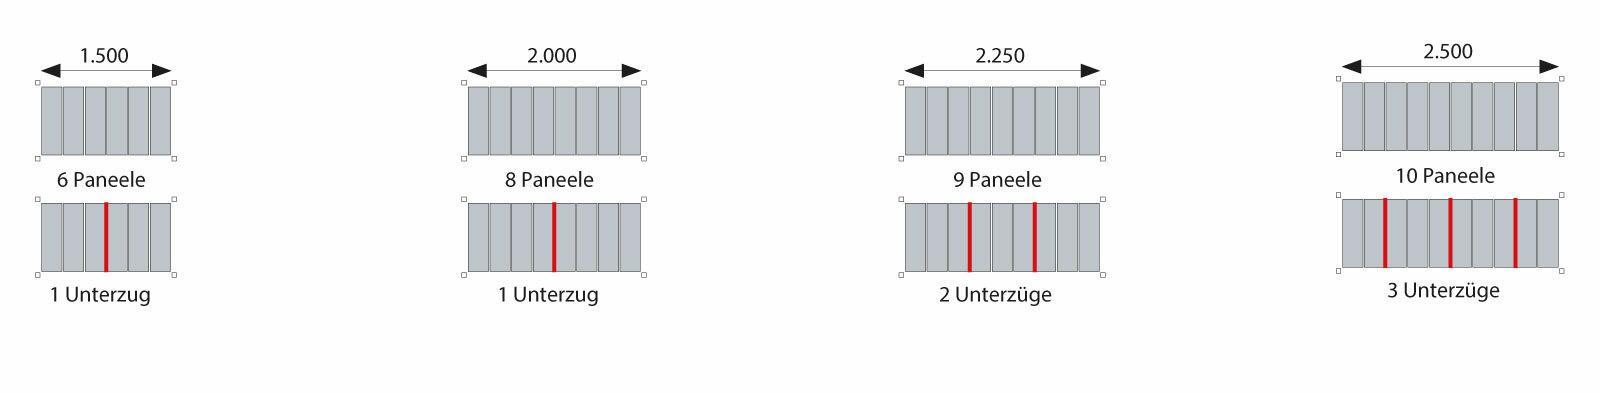 Stahlpaneele Aufteilung